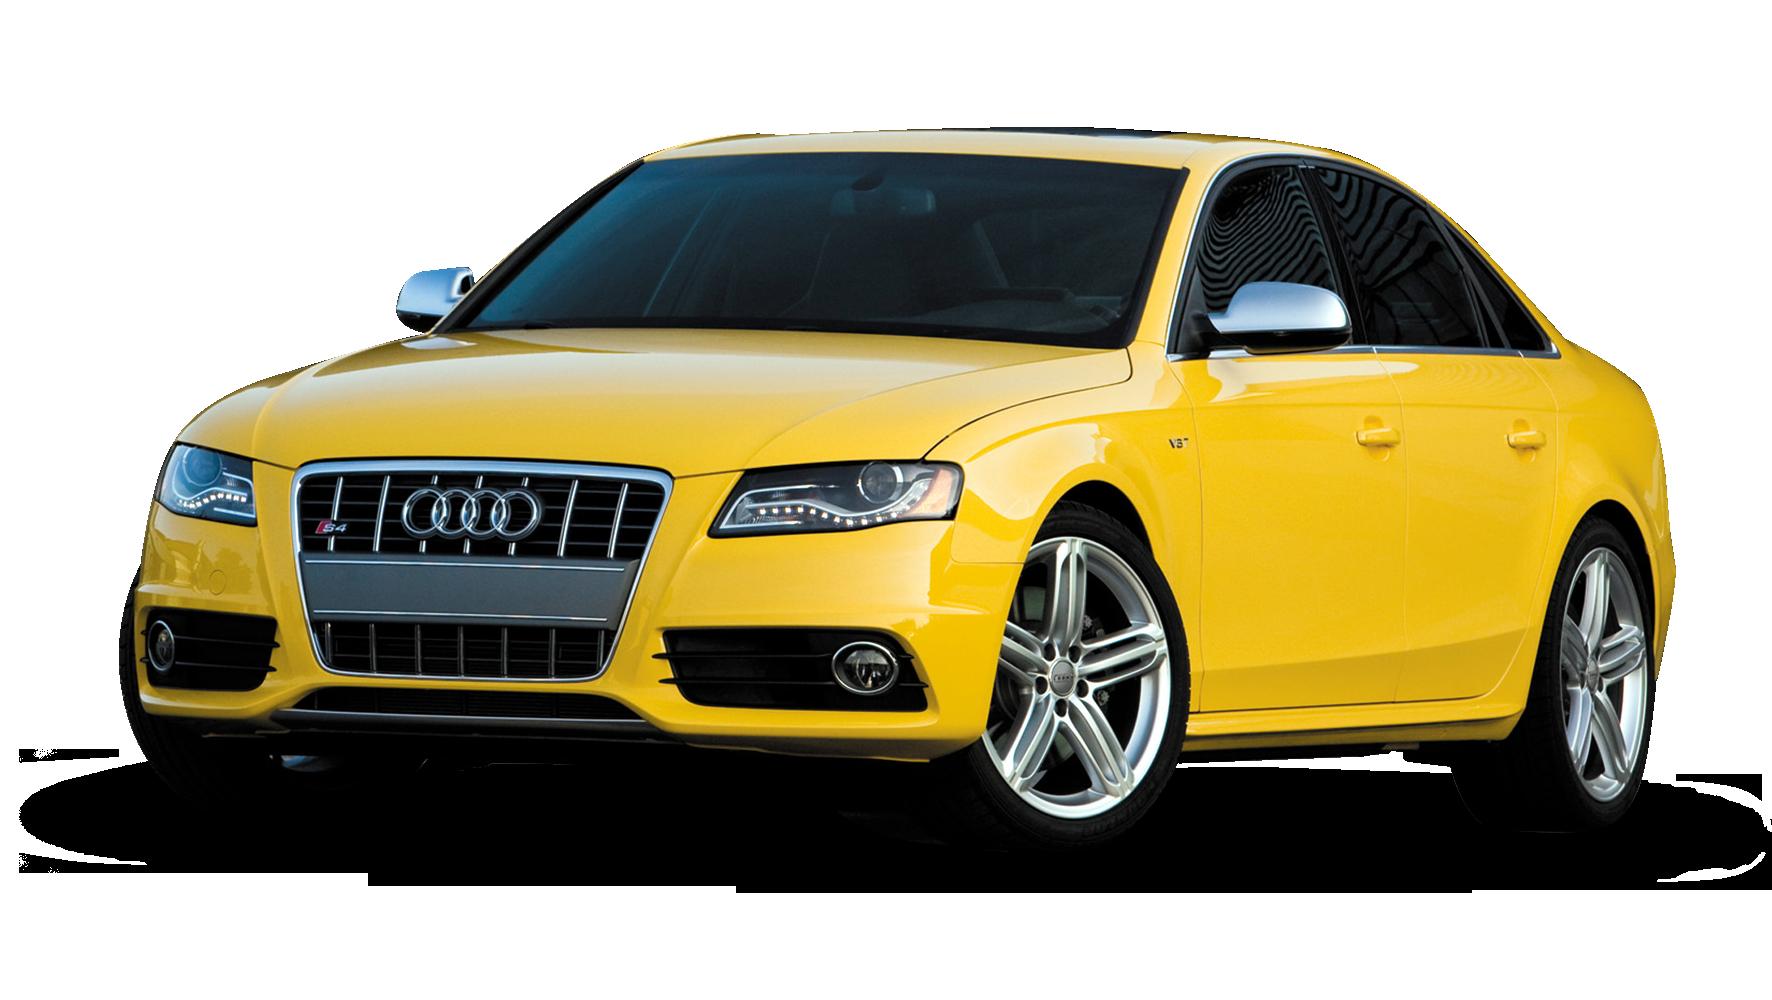 Yellow Audi Car PNG Image - Car PNG